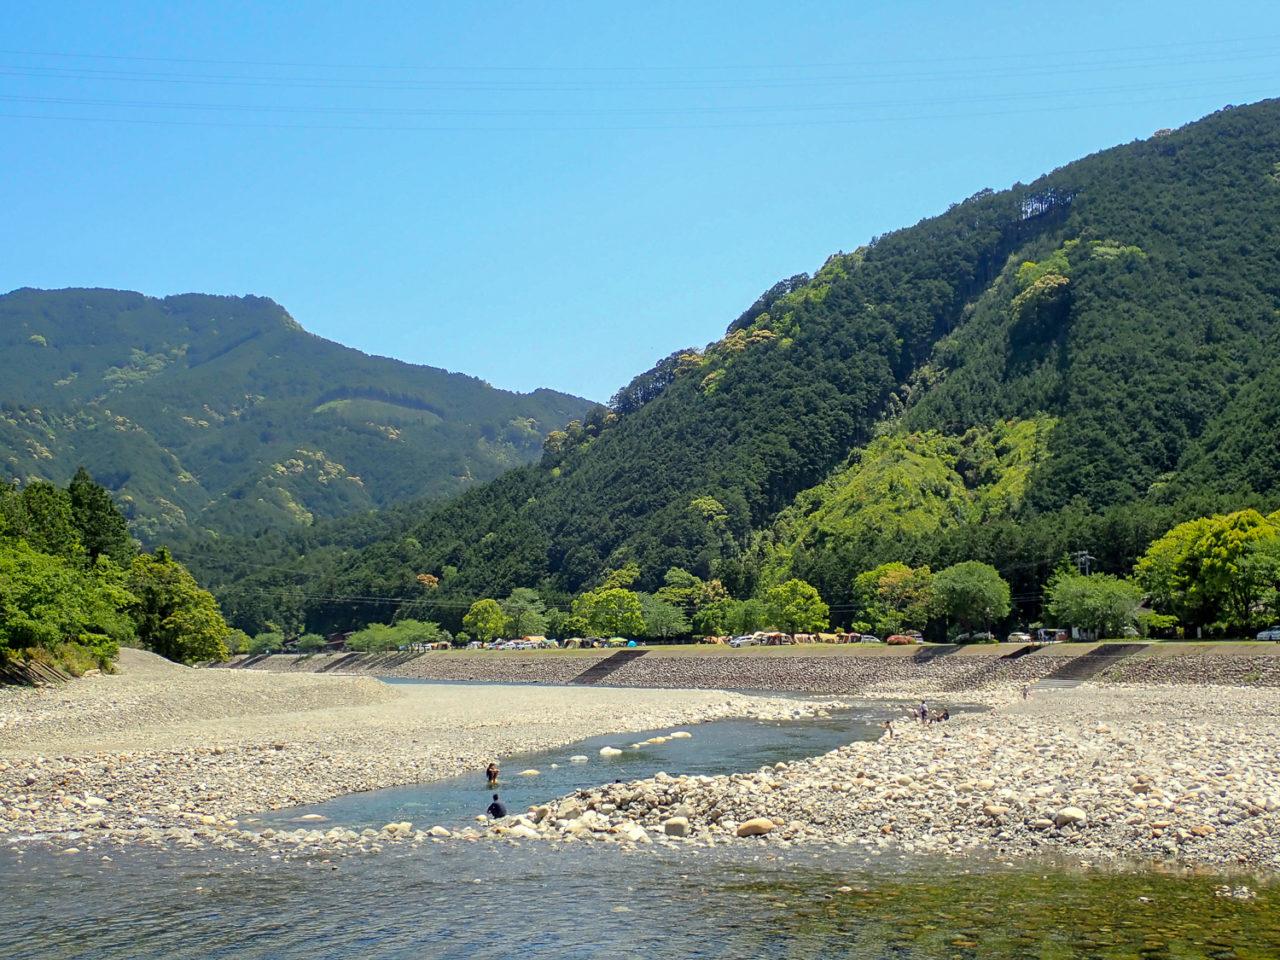 銚子川キャンプinn海上全景